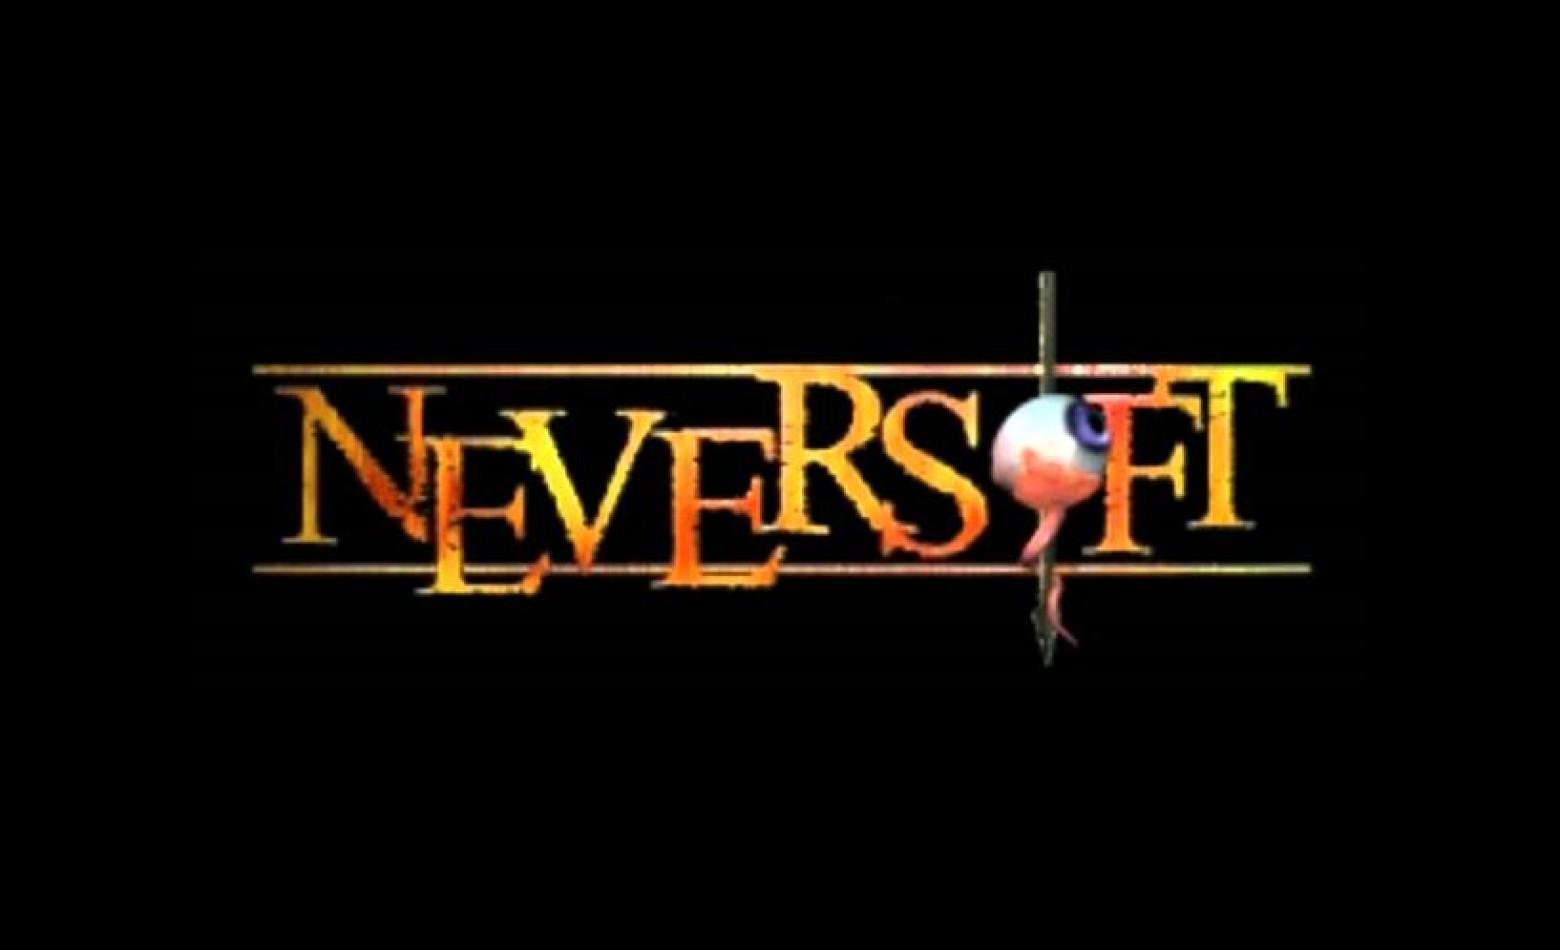 Neversoft fecha as portas para se juntar à Infinity Ward [ATUALIZADO]